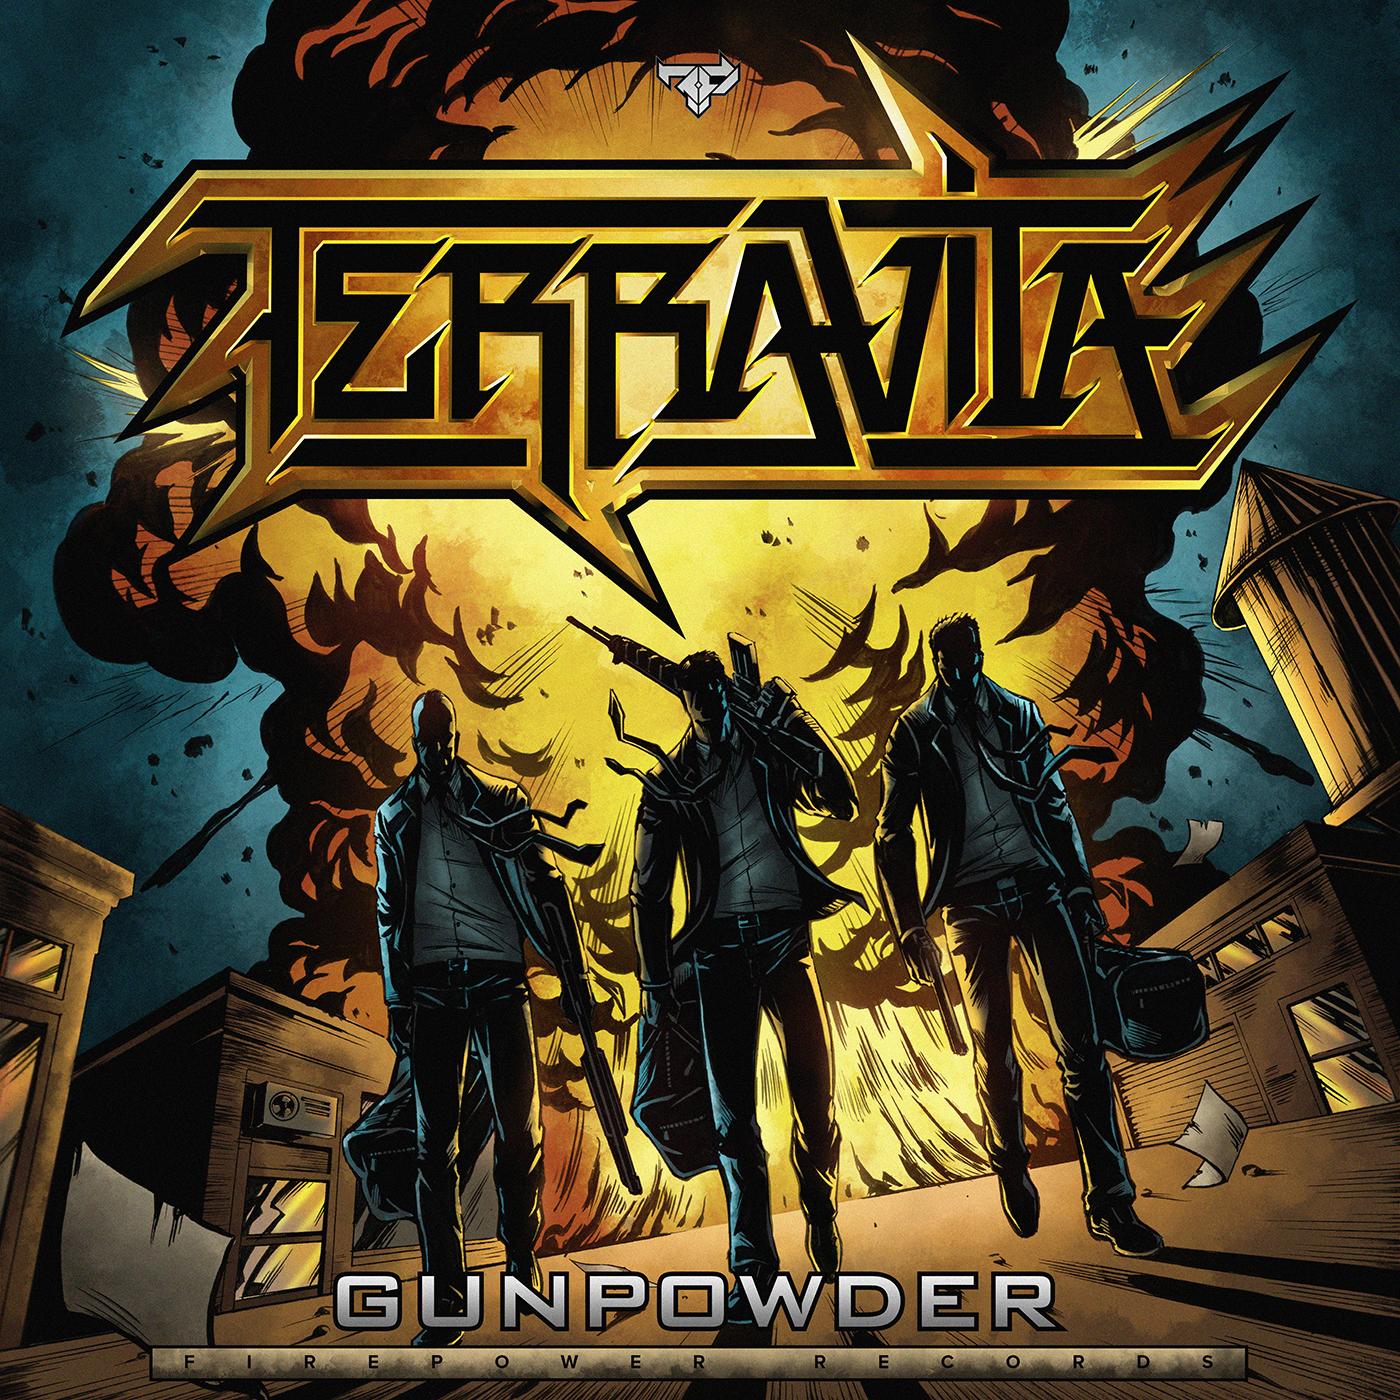 Terravita - Gunpowder EP_nrfmagazine